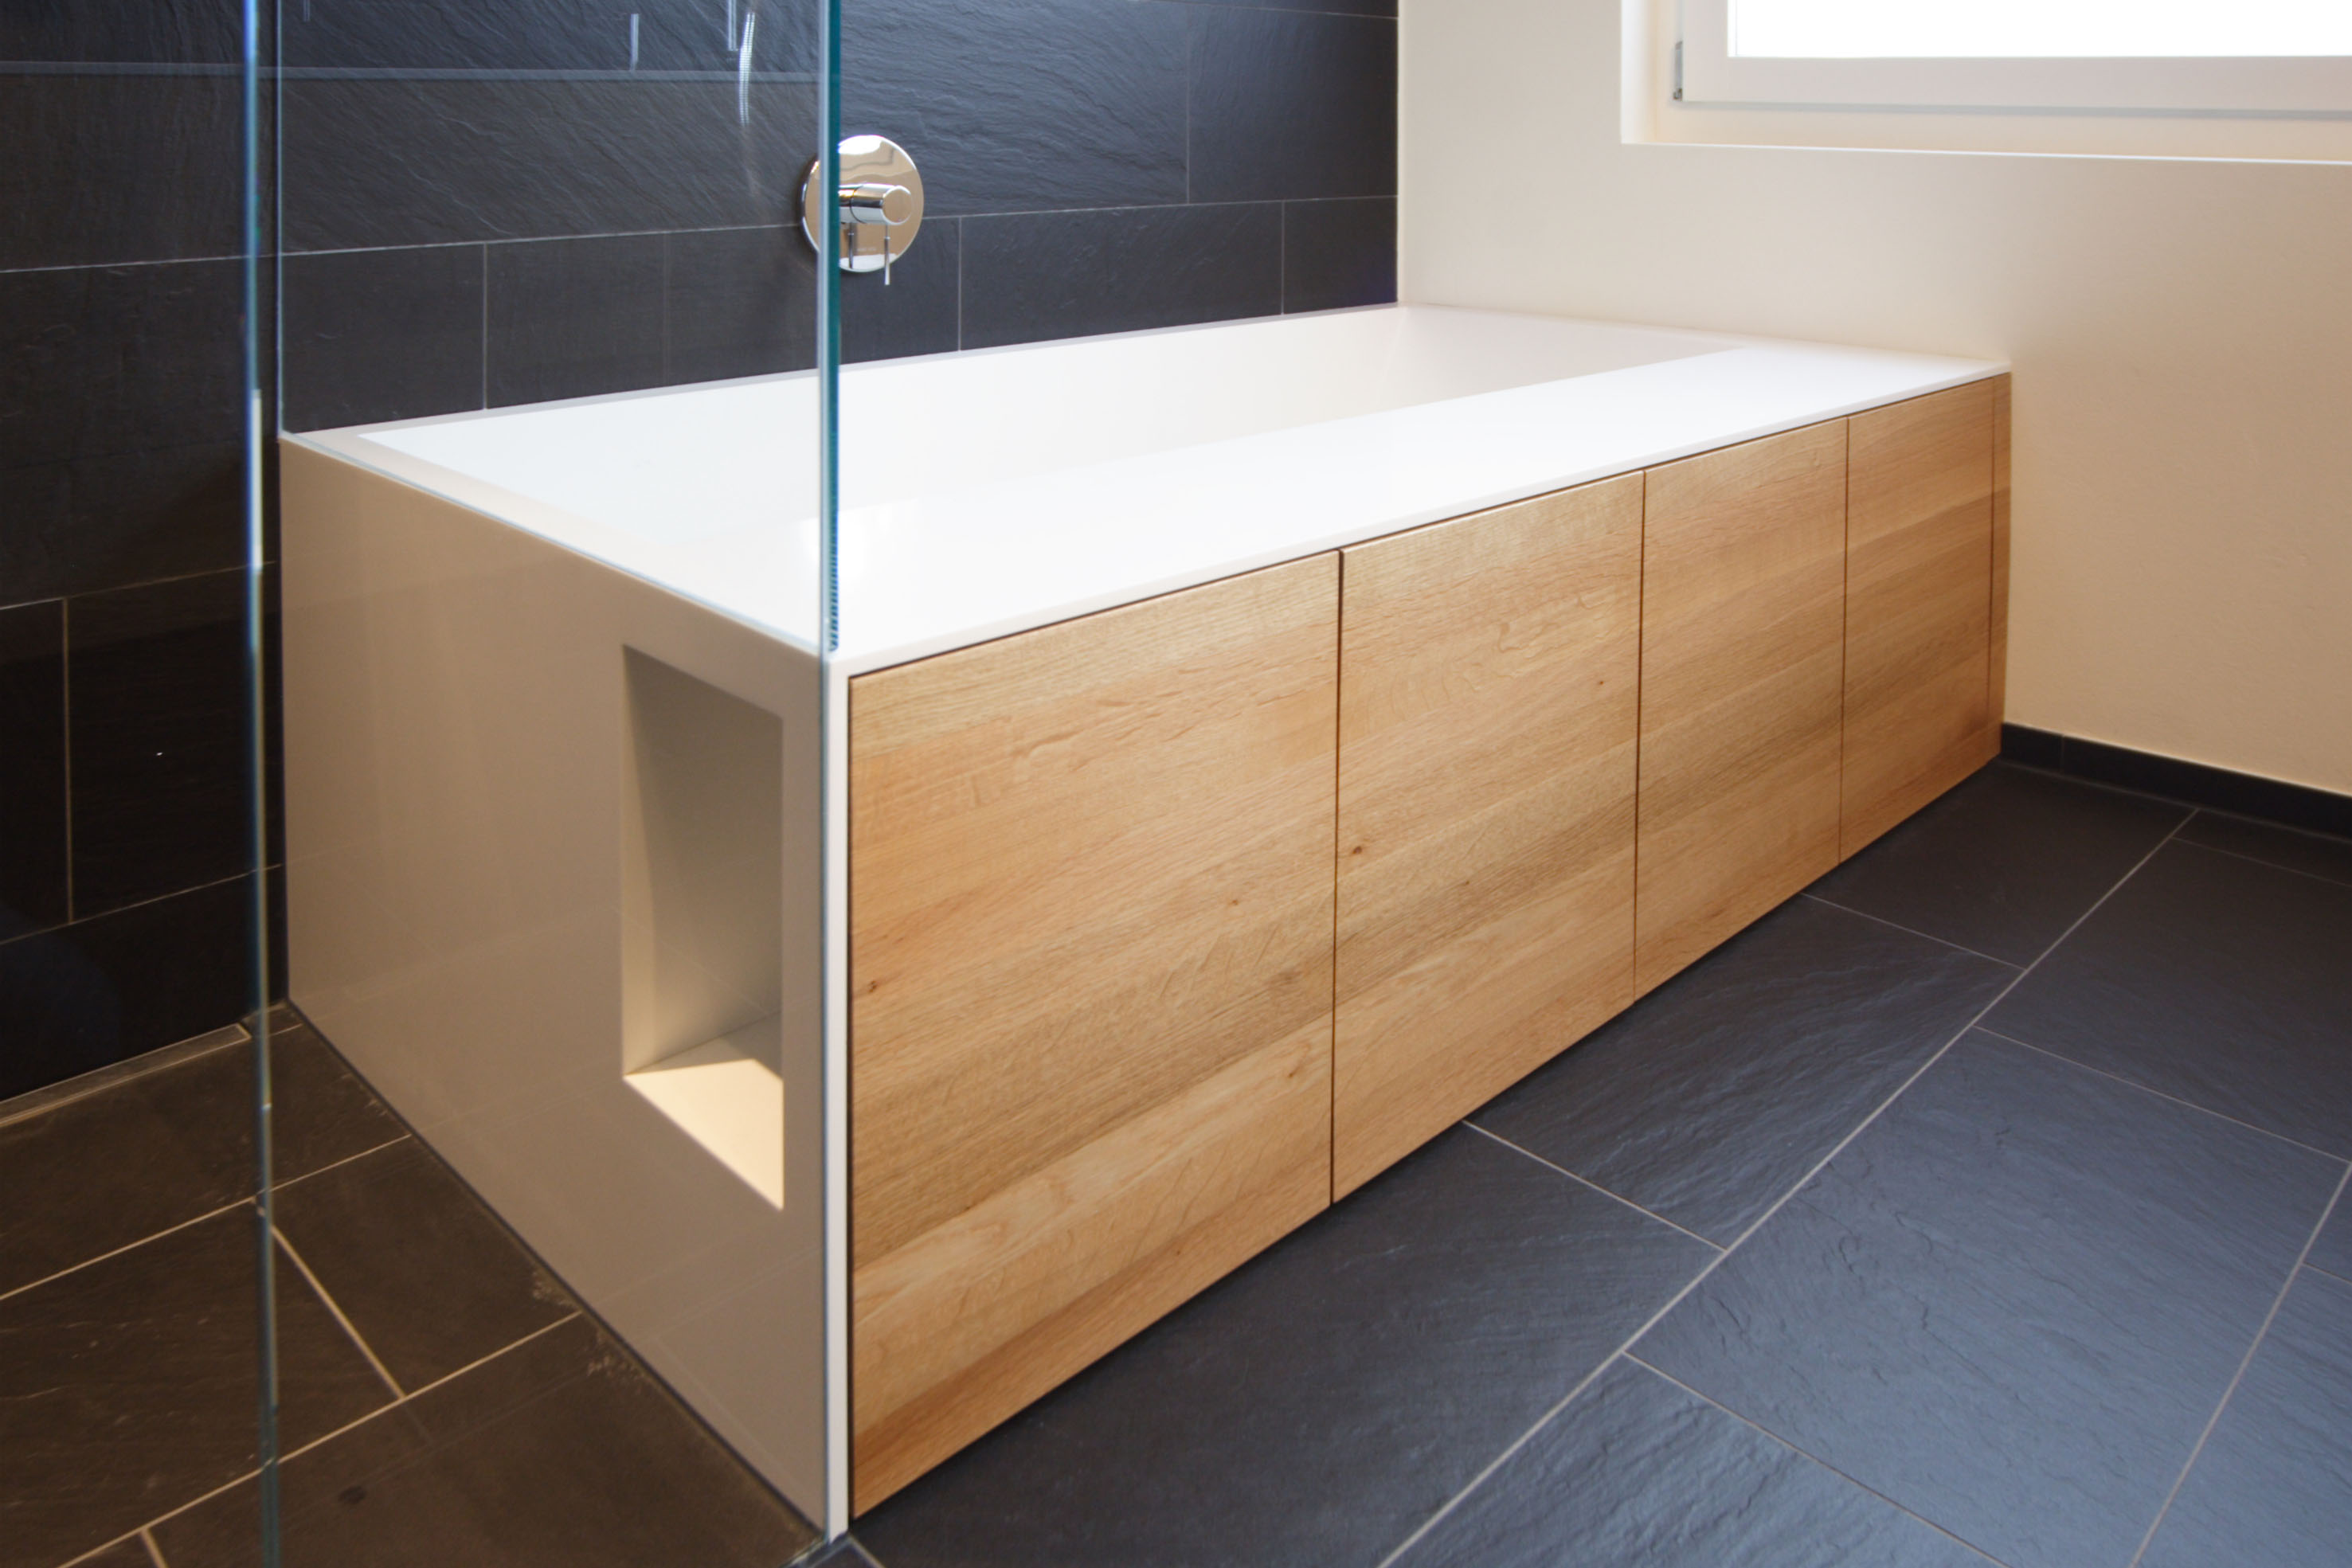 individuelle b der f r jedes bed rfnis. Black Bedroom Furniture Sets. Home Design Ideas